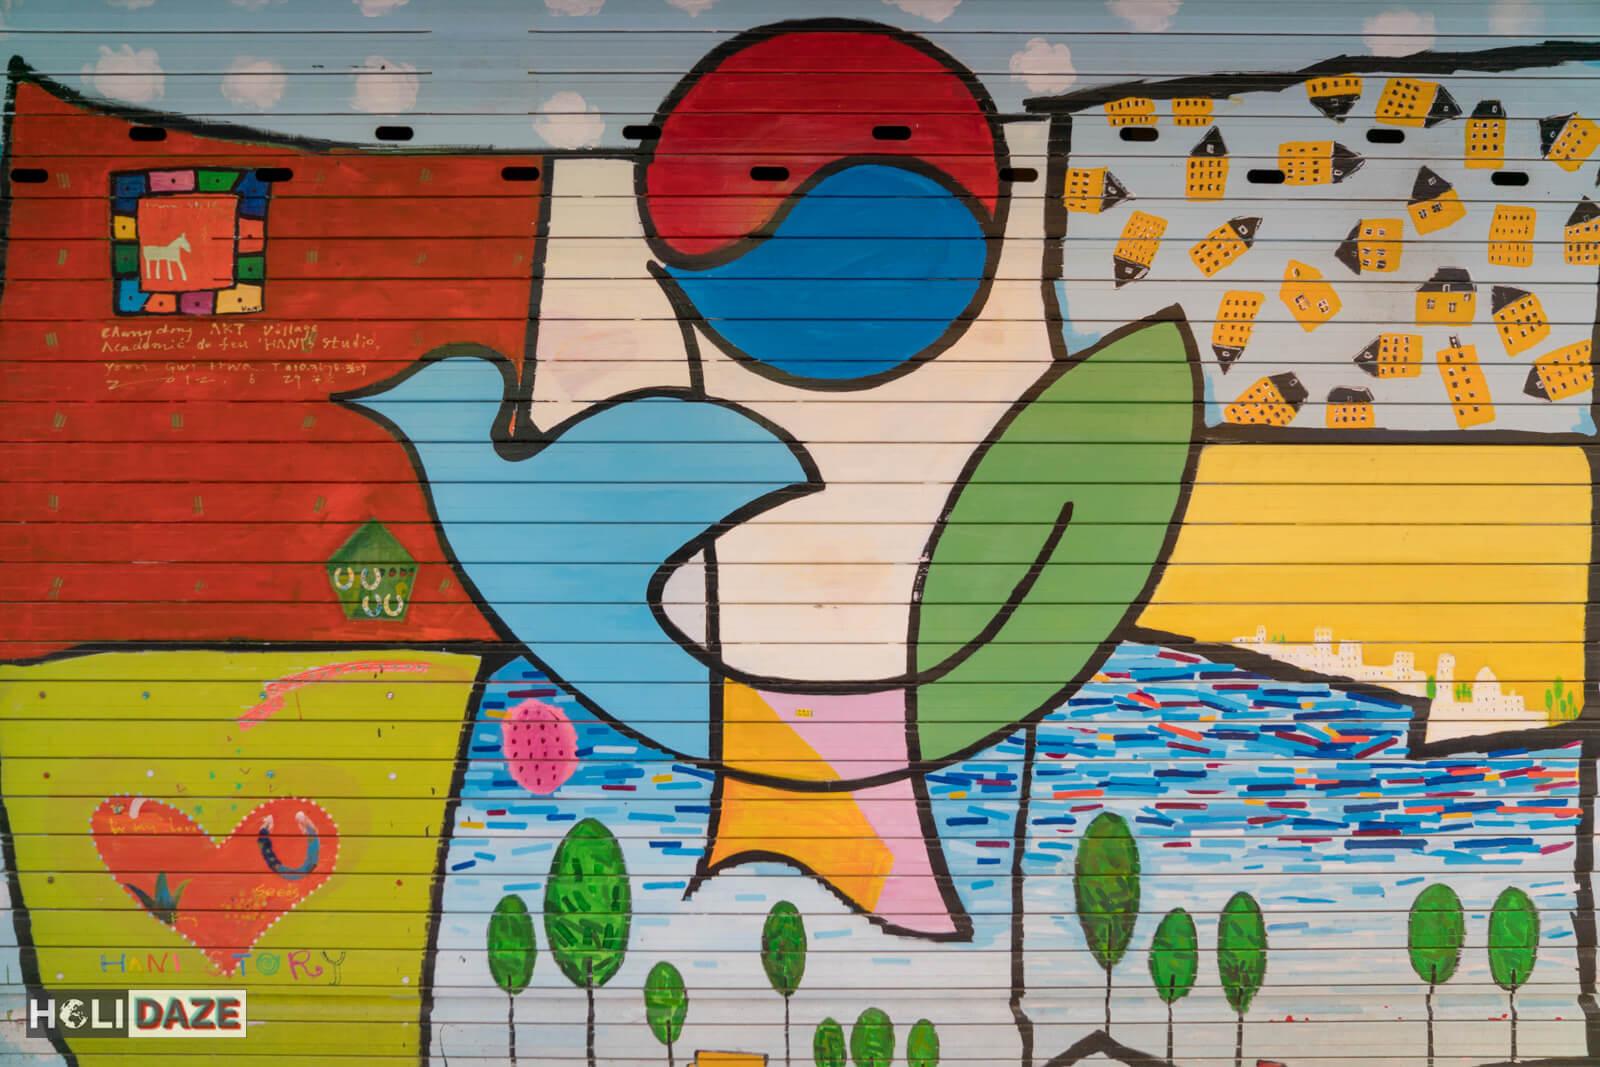 Street art mural Changdong Art Village, Korea